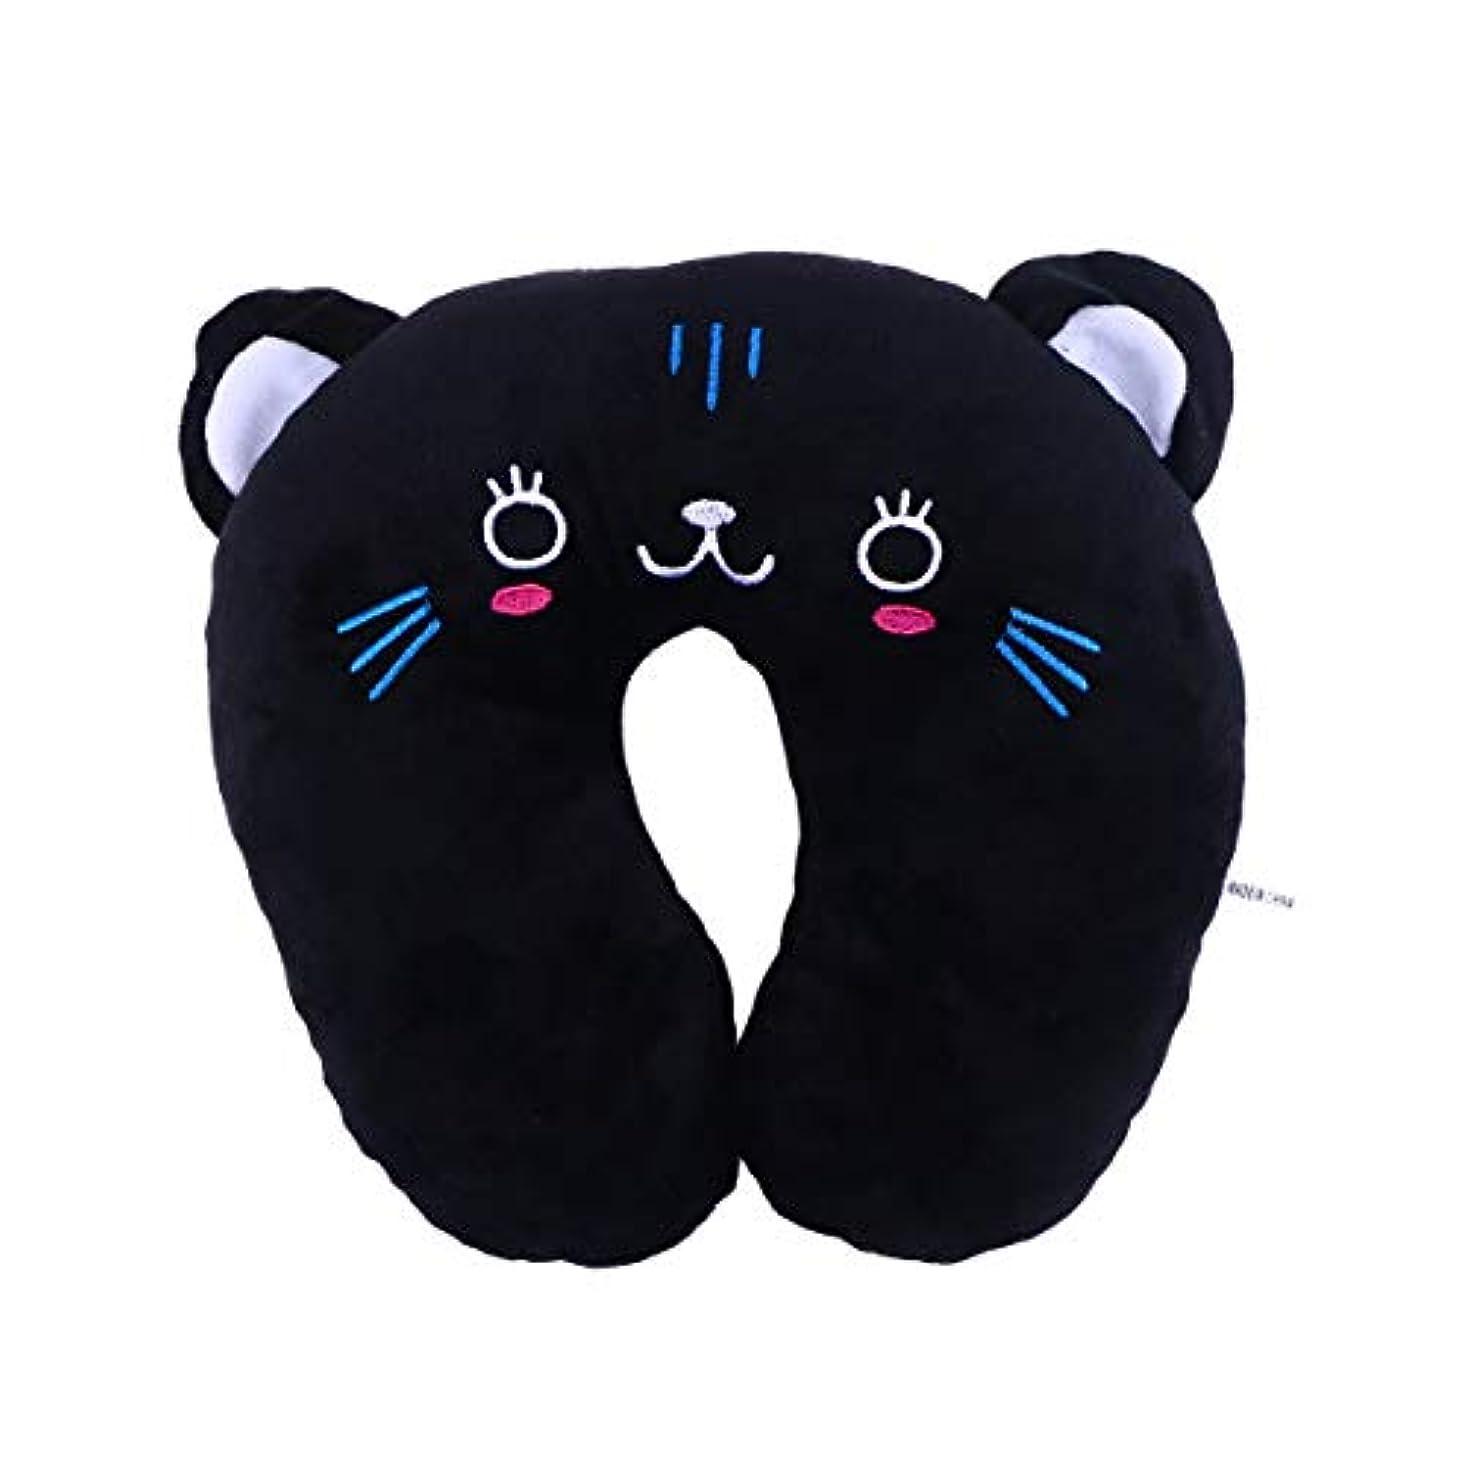 趣味曲がったマーチャンダイザーHEALIFTY 首牽引枕漫画ぬいぐるみU字型枕首サポートクッション旅行枕飛行機のための車(黒猫)